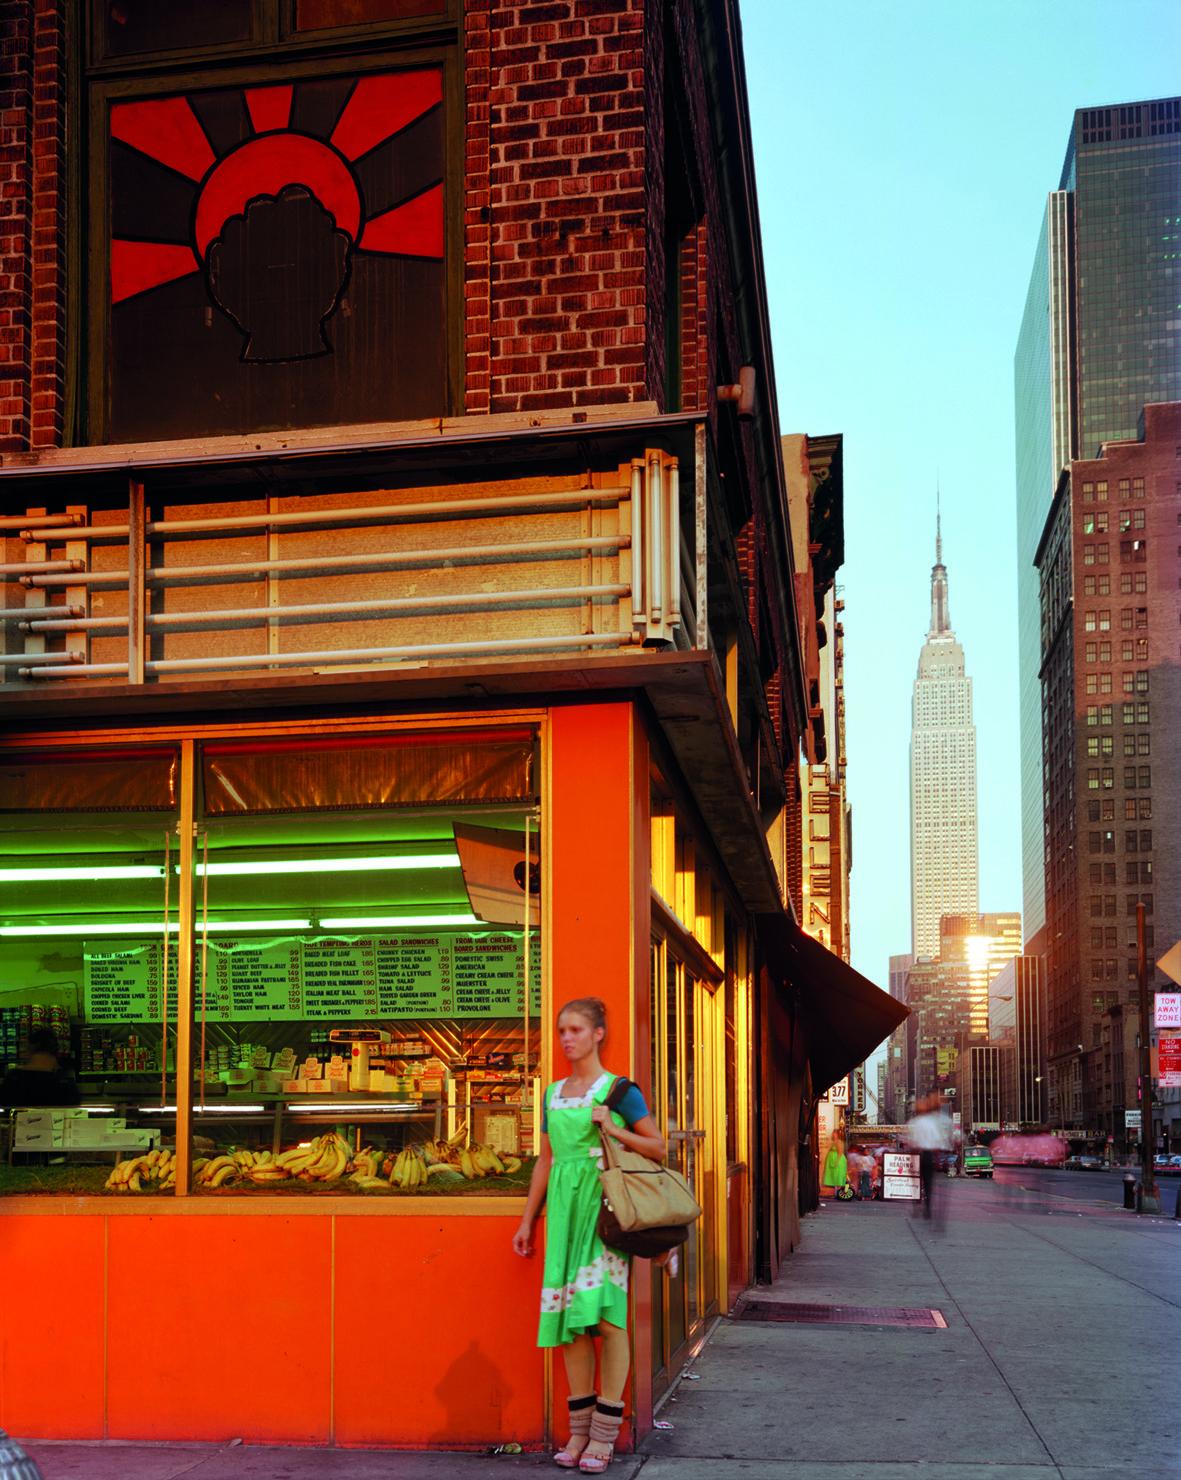 Молодая танцовщица и Эмпайр-стейт-билдинг, Нью-Йорк, 1978. Фотограф Джоэл Мейеровиц